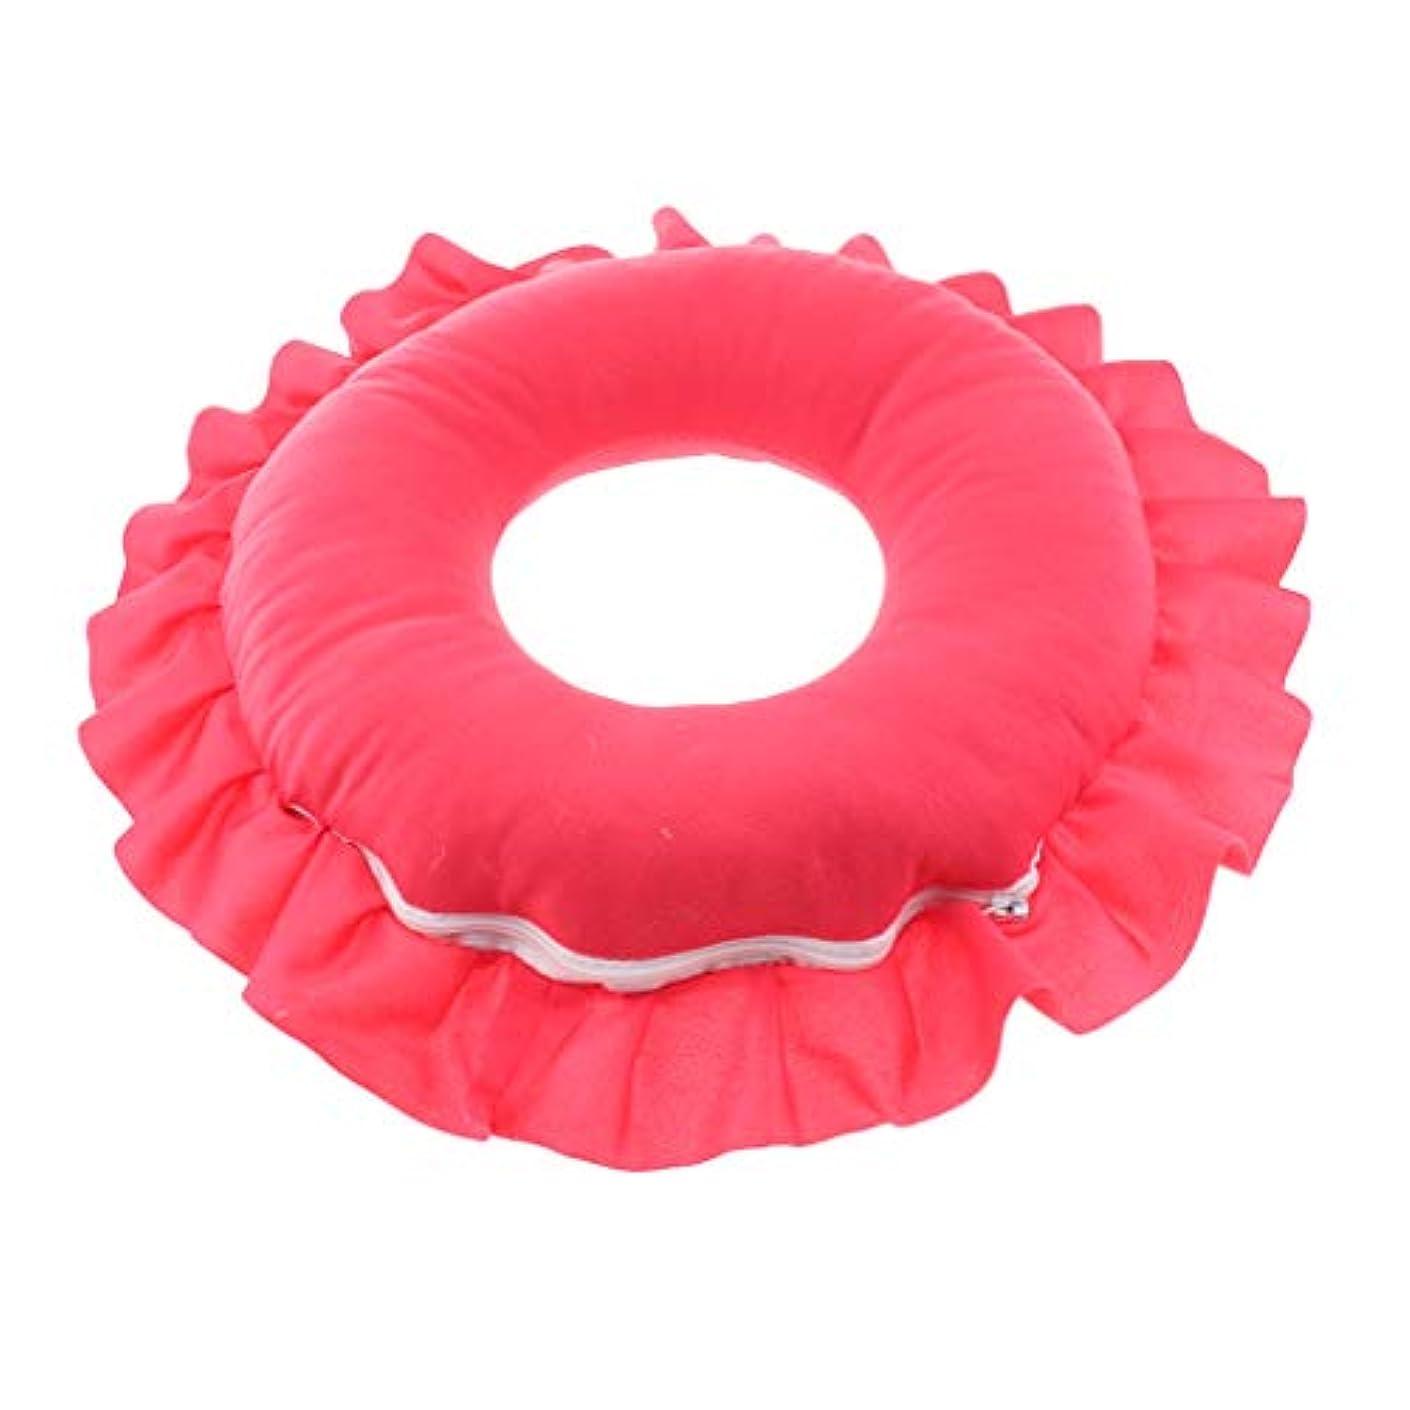 牧師瞑想的貞全4色 洗えるピロー フェイスピロー 顔枕 マッサージベッド 美容院 ソフト 軽量 快適 - 赤